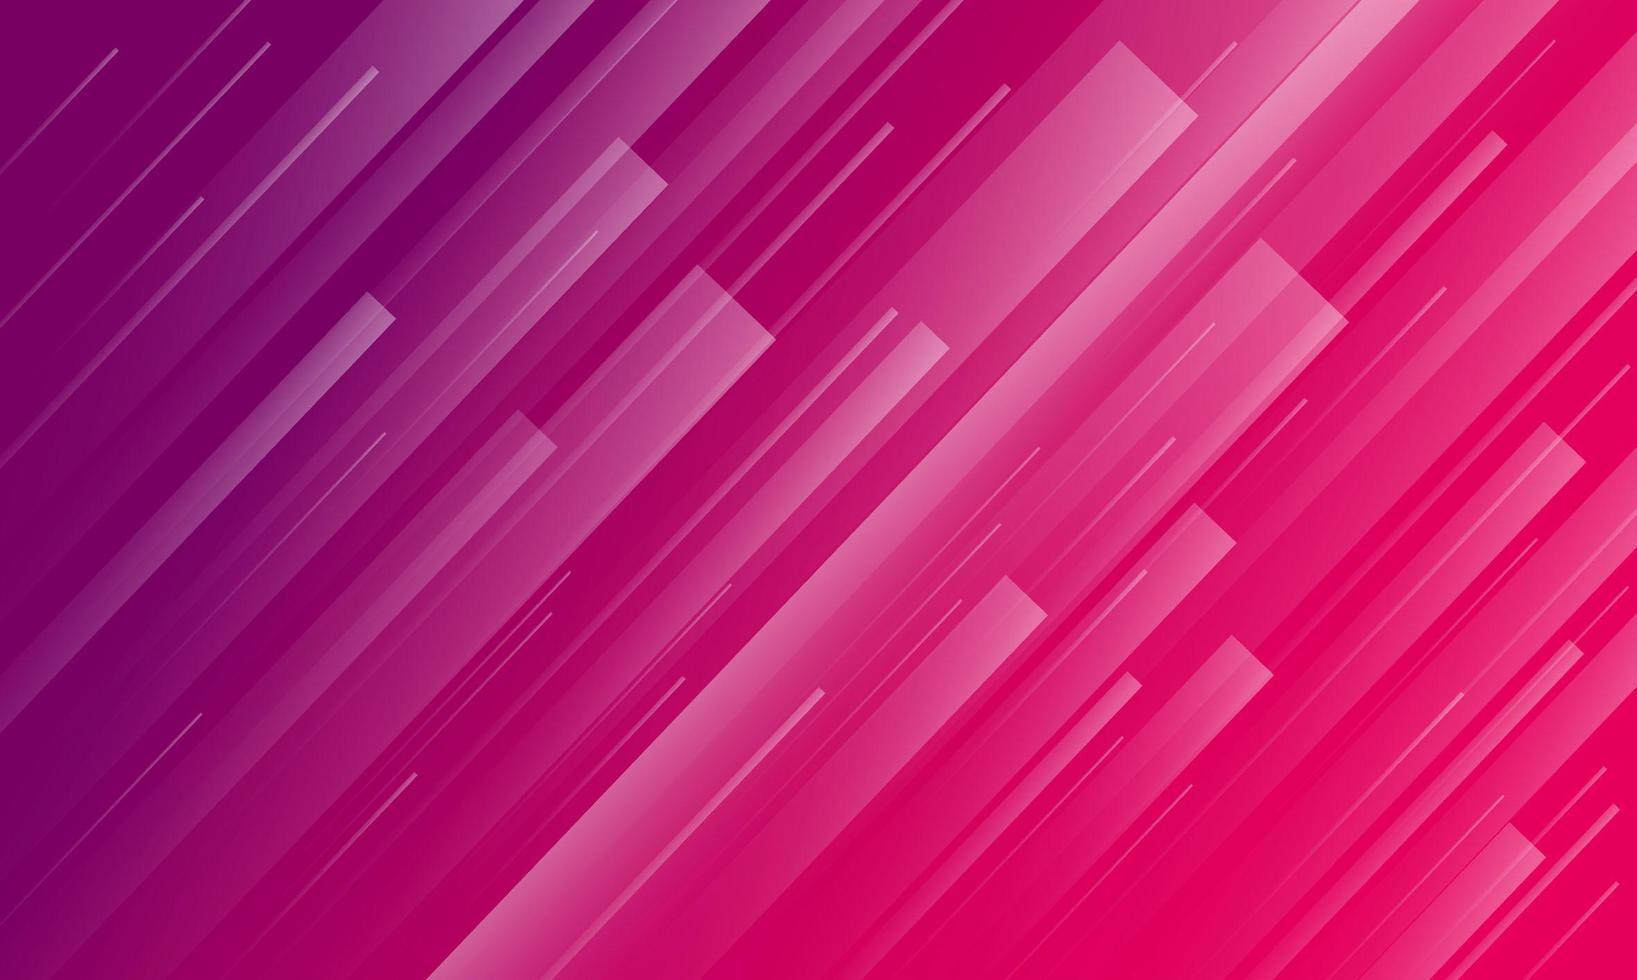 fondo rojo abstracto vector